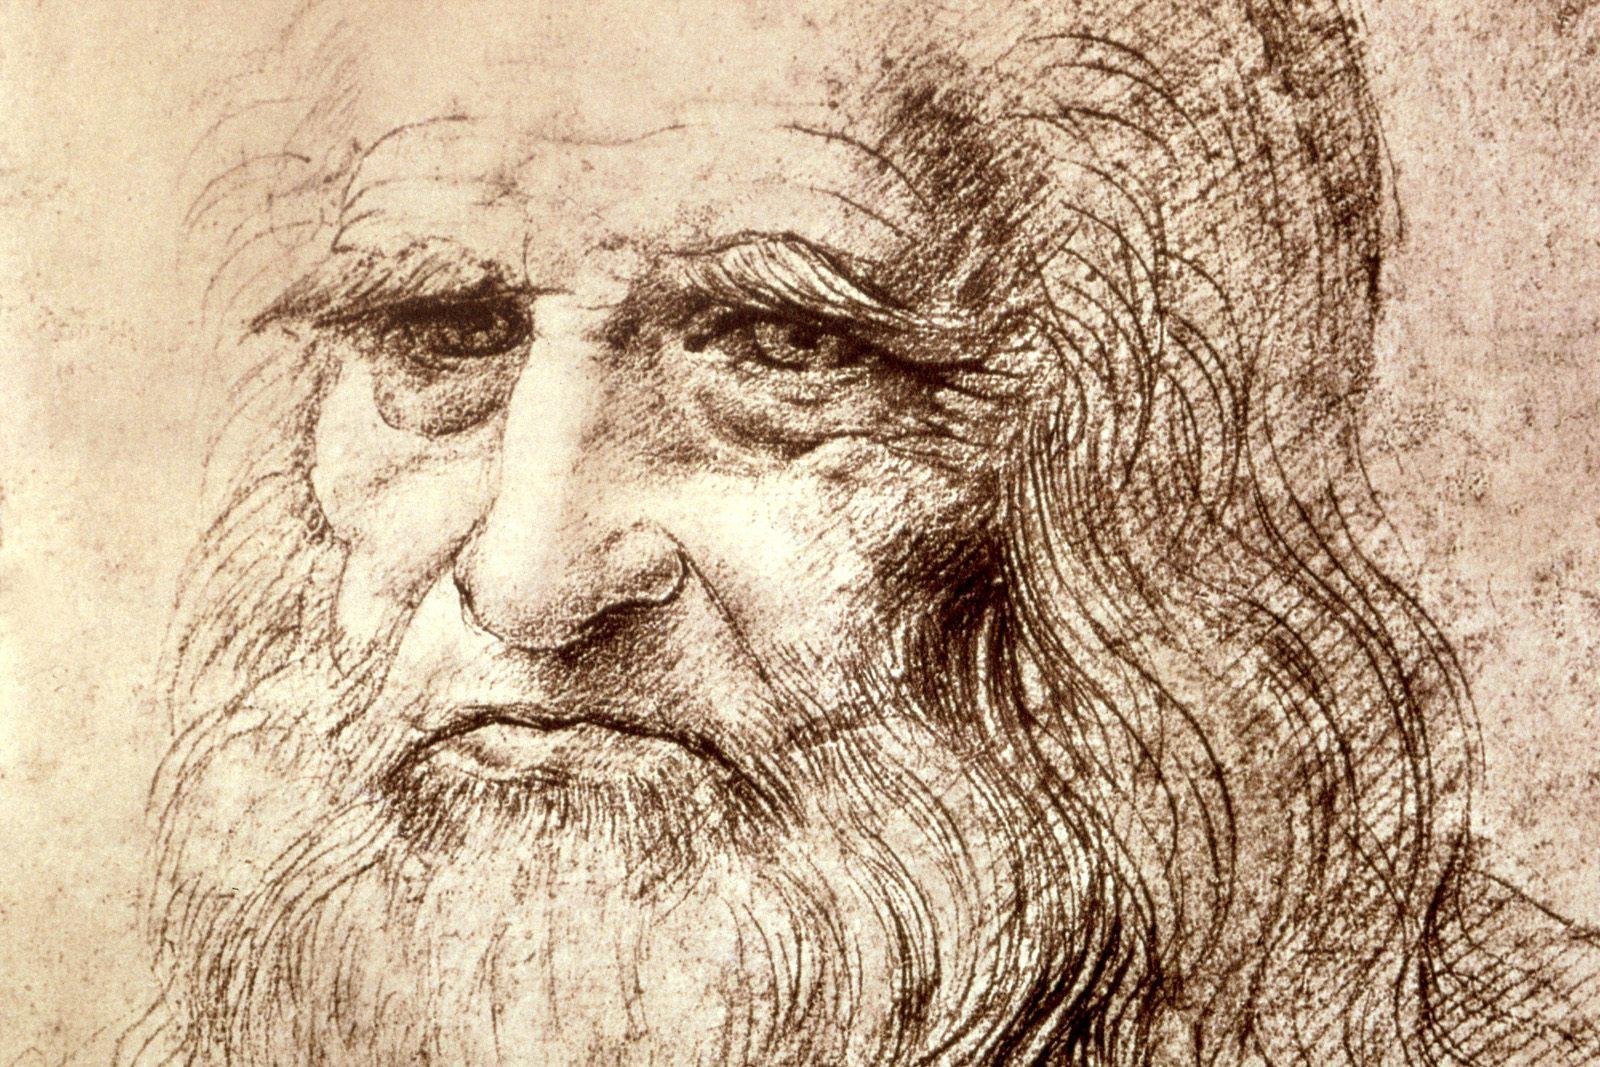 ۱۰ واقعیت جالب و کمتر گفته شده در مورد «لئوناردو داوینچی» که شاید نمی دانستید